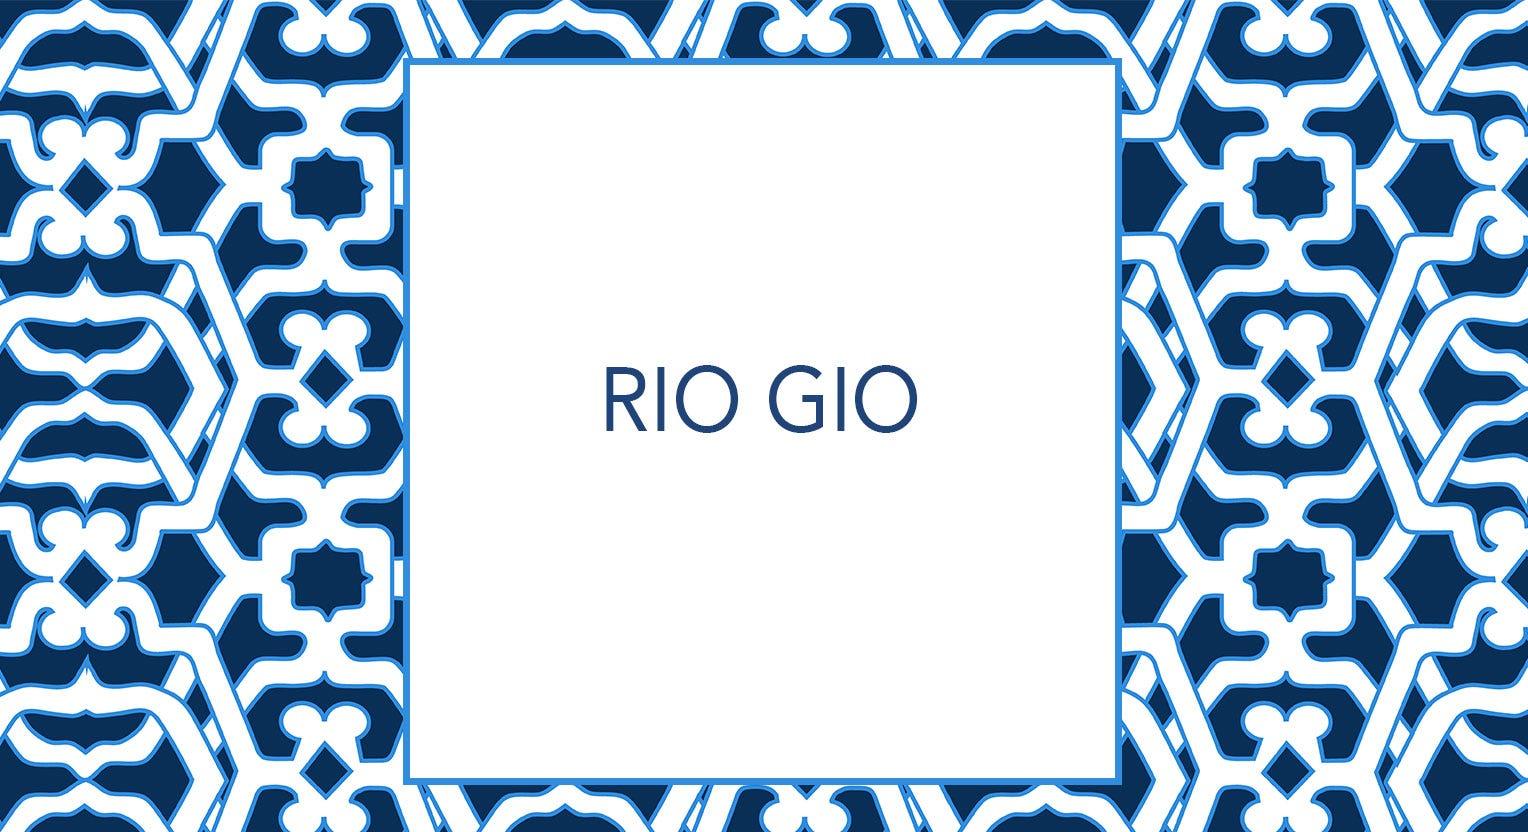 Rio Gio